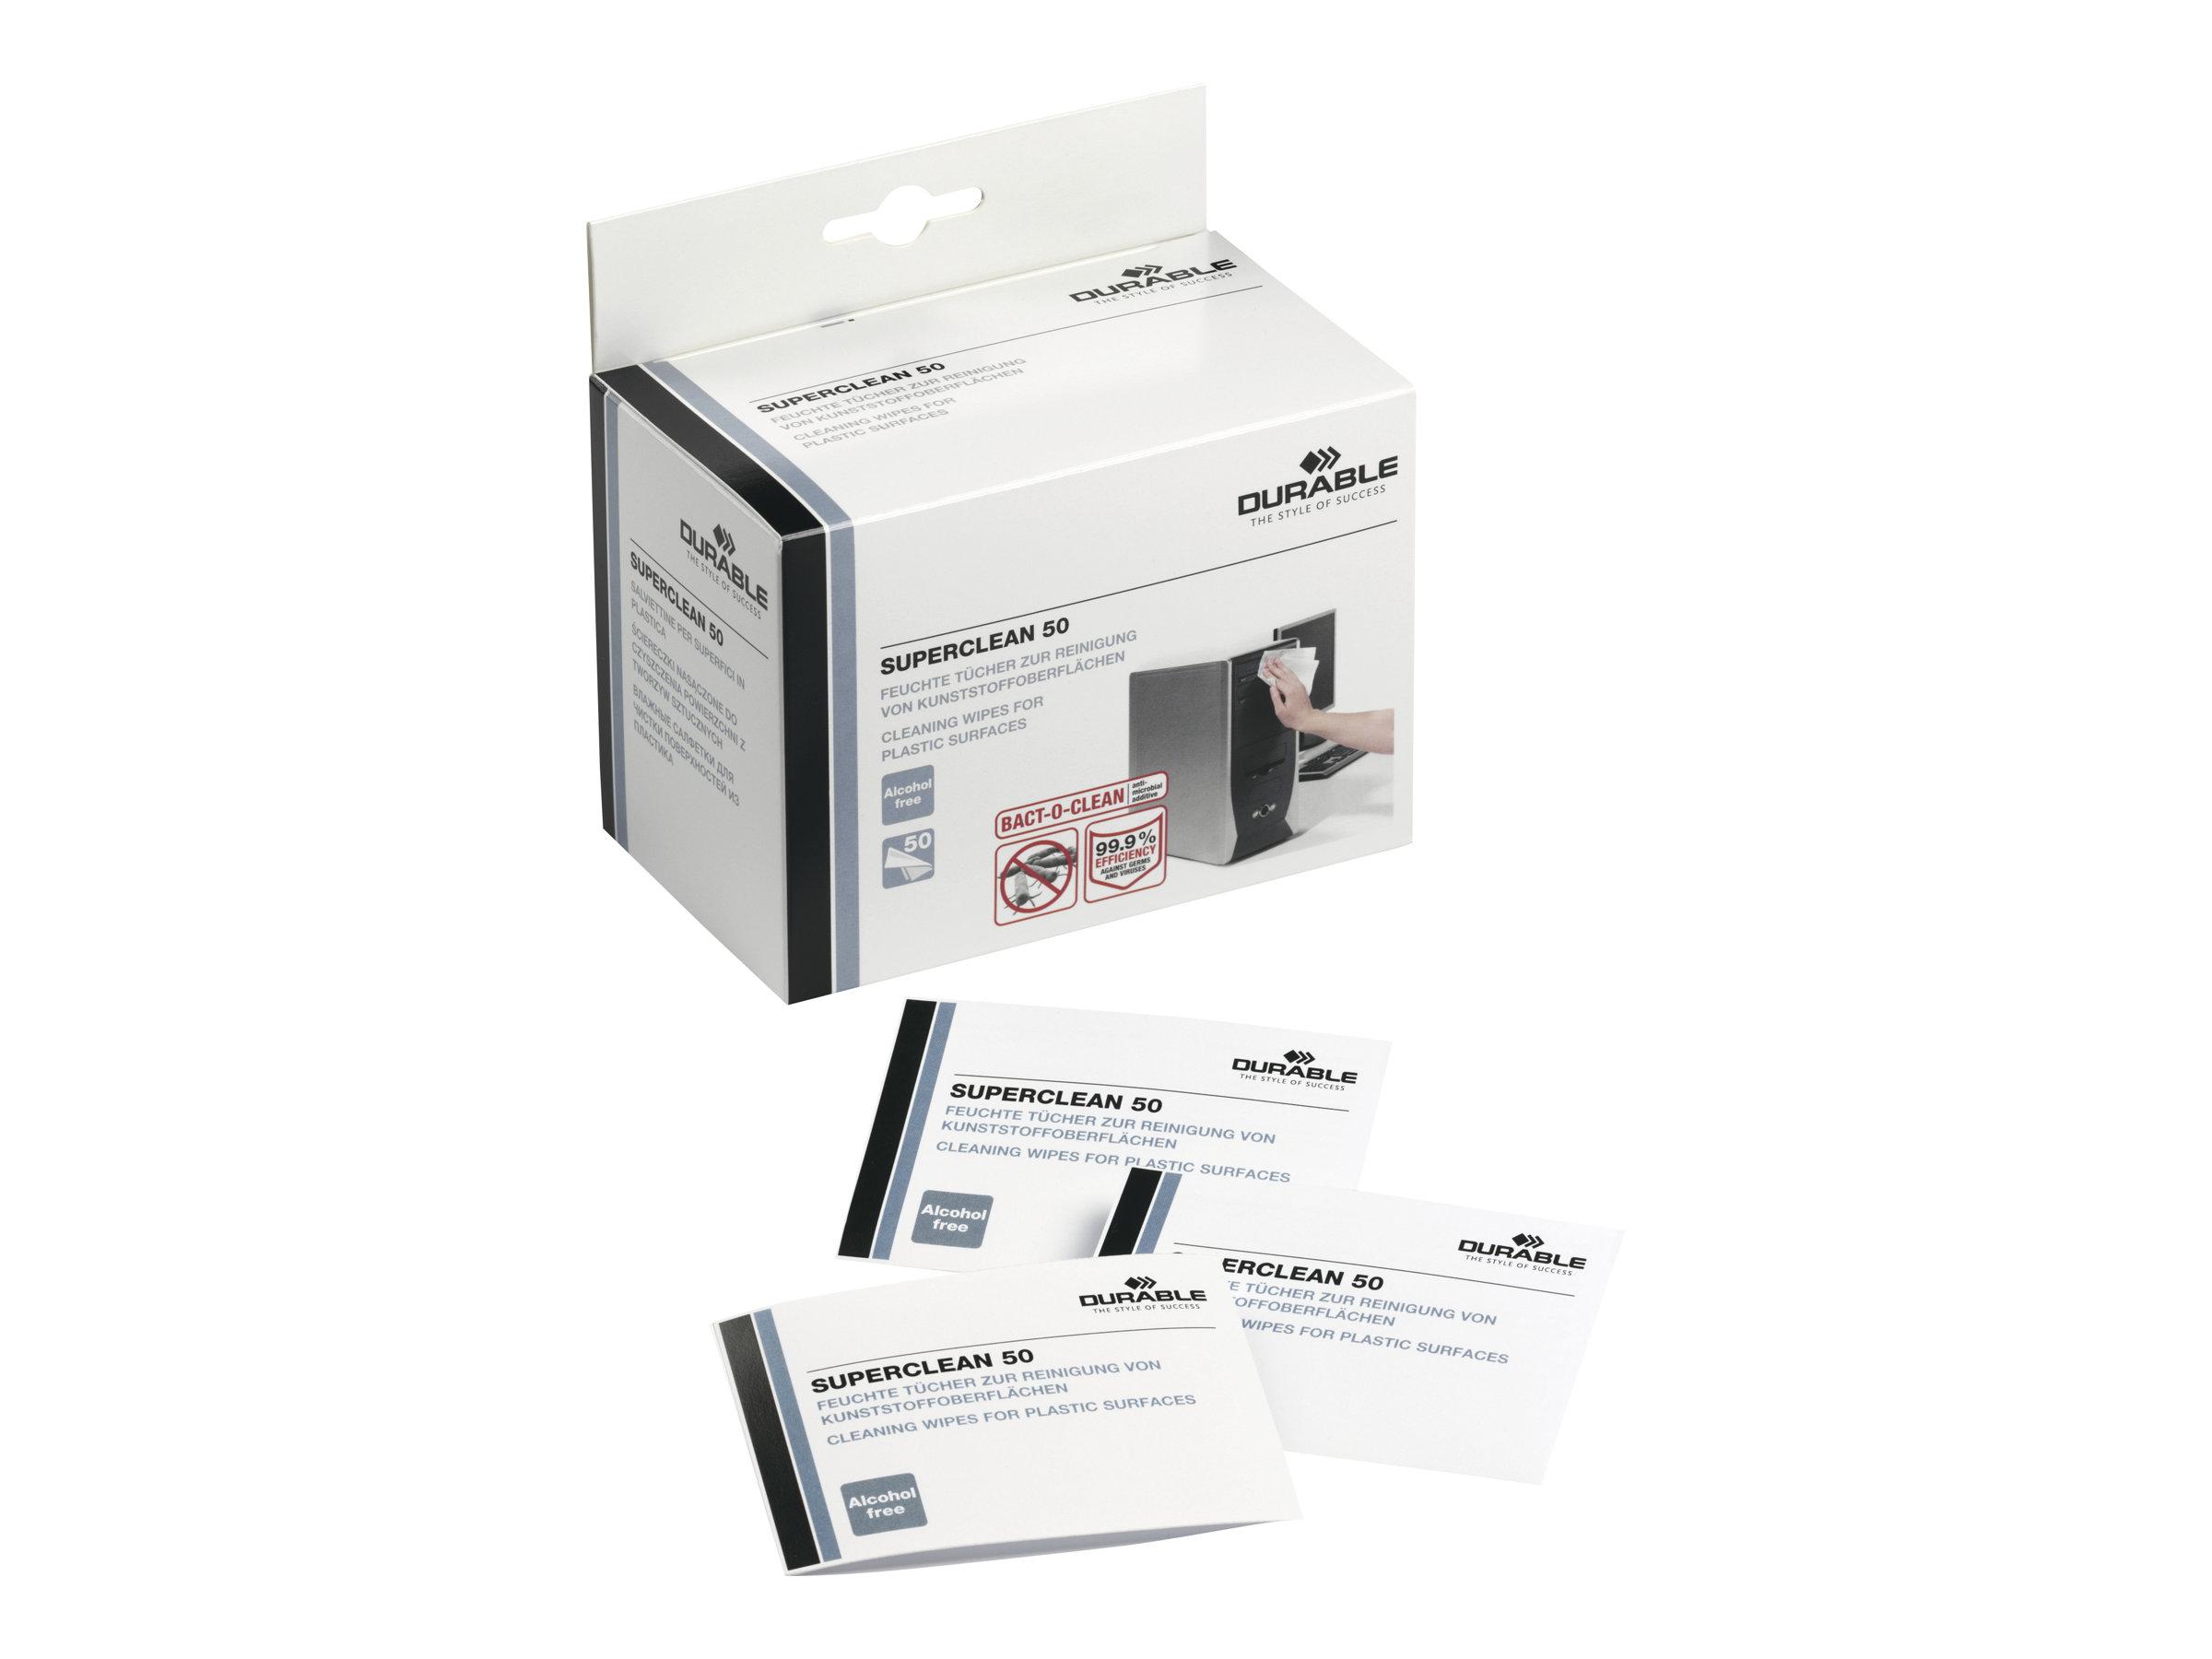 Durable Superclean 50 - Reinigungstücher (Wipes)